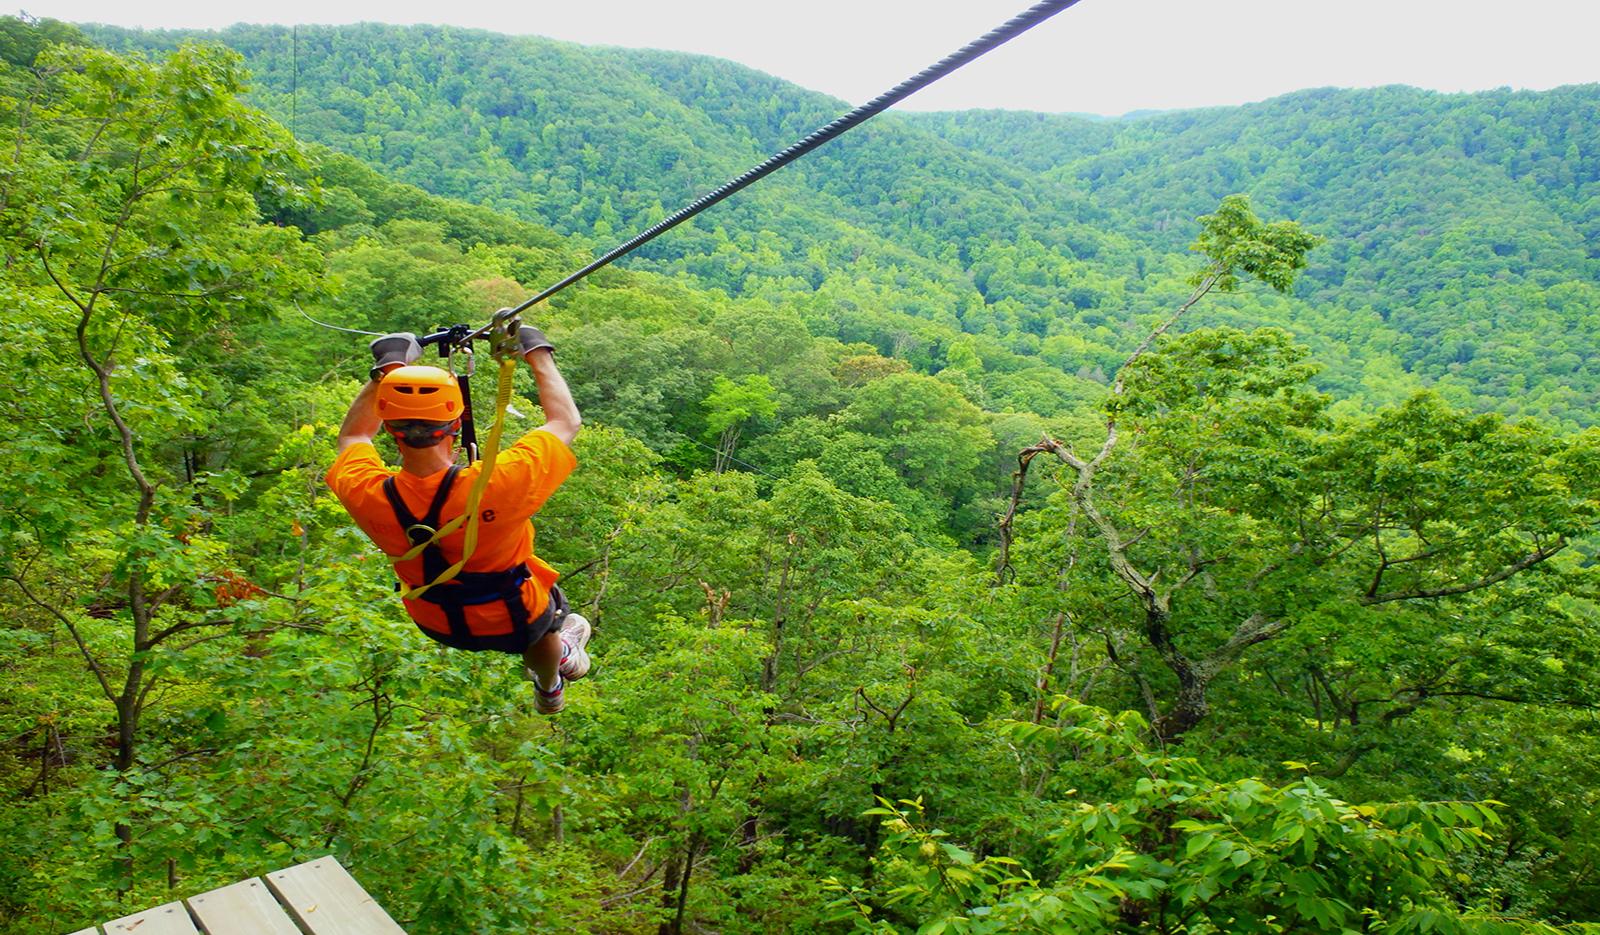 Ziplining,best adventurous activities in the UK